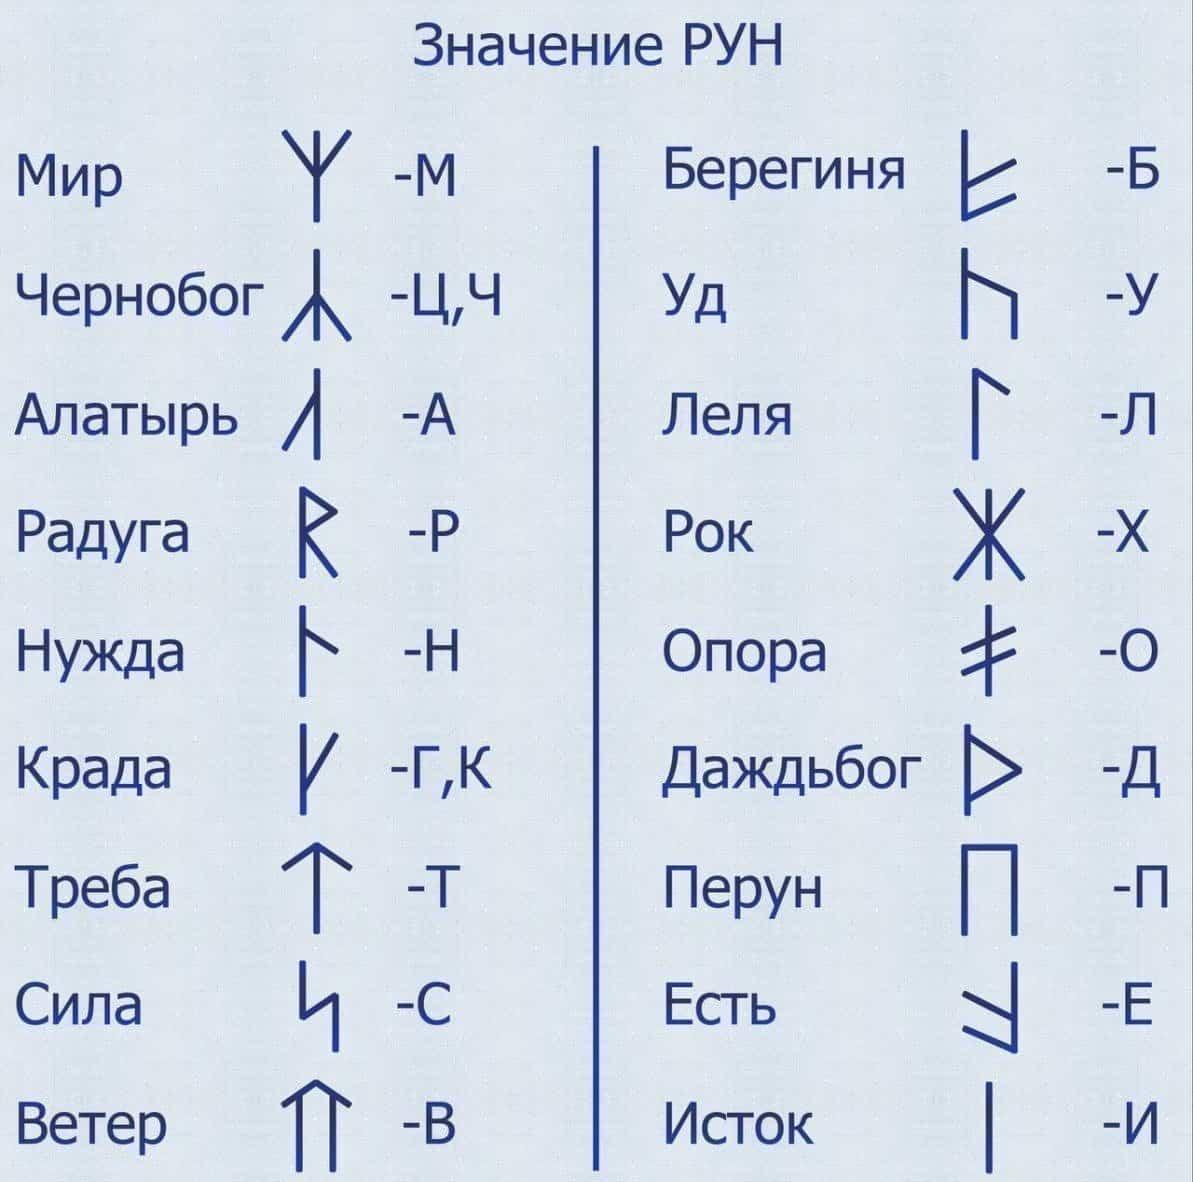 Славянский оберег Звезда Руси | Руническая мастерская